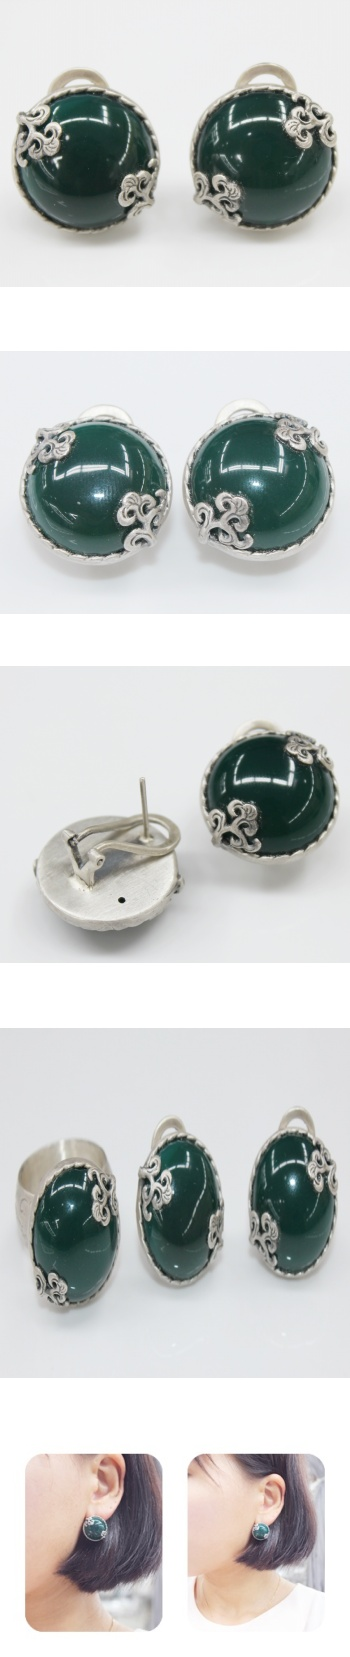 추마노 추만옥 귀걸이 - 오이수공예, 250,000원, 진주/원석, 볼귀걸이